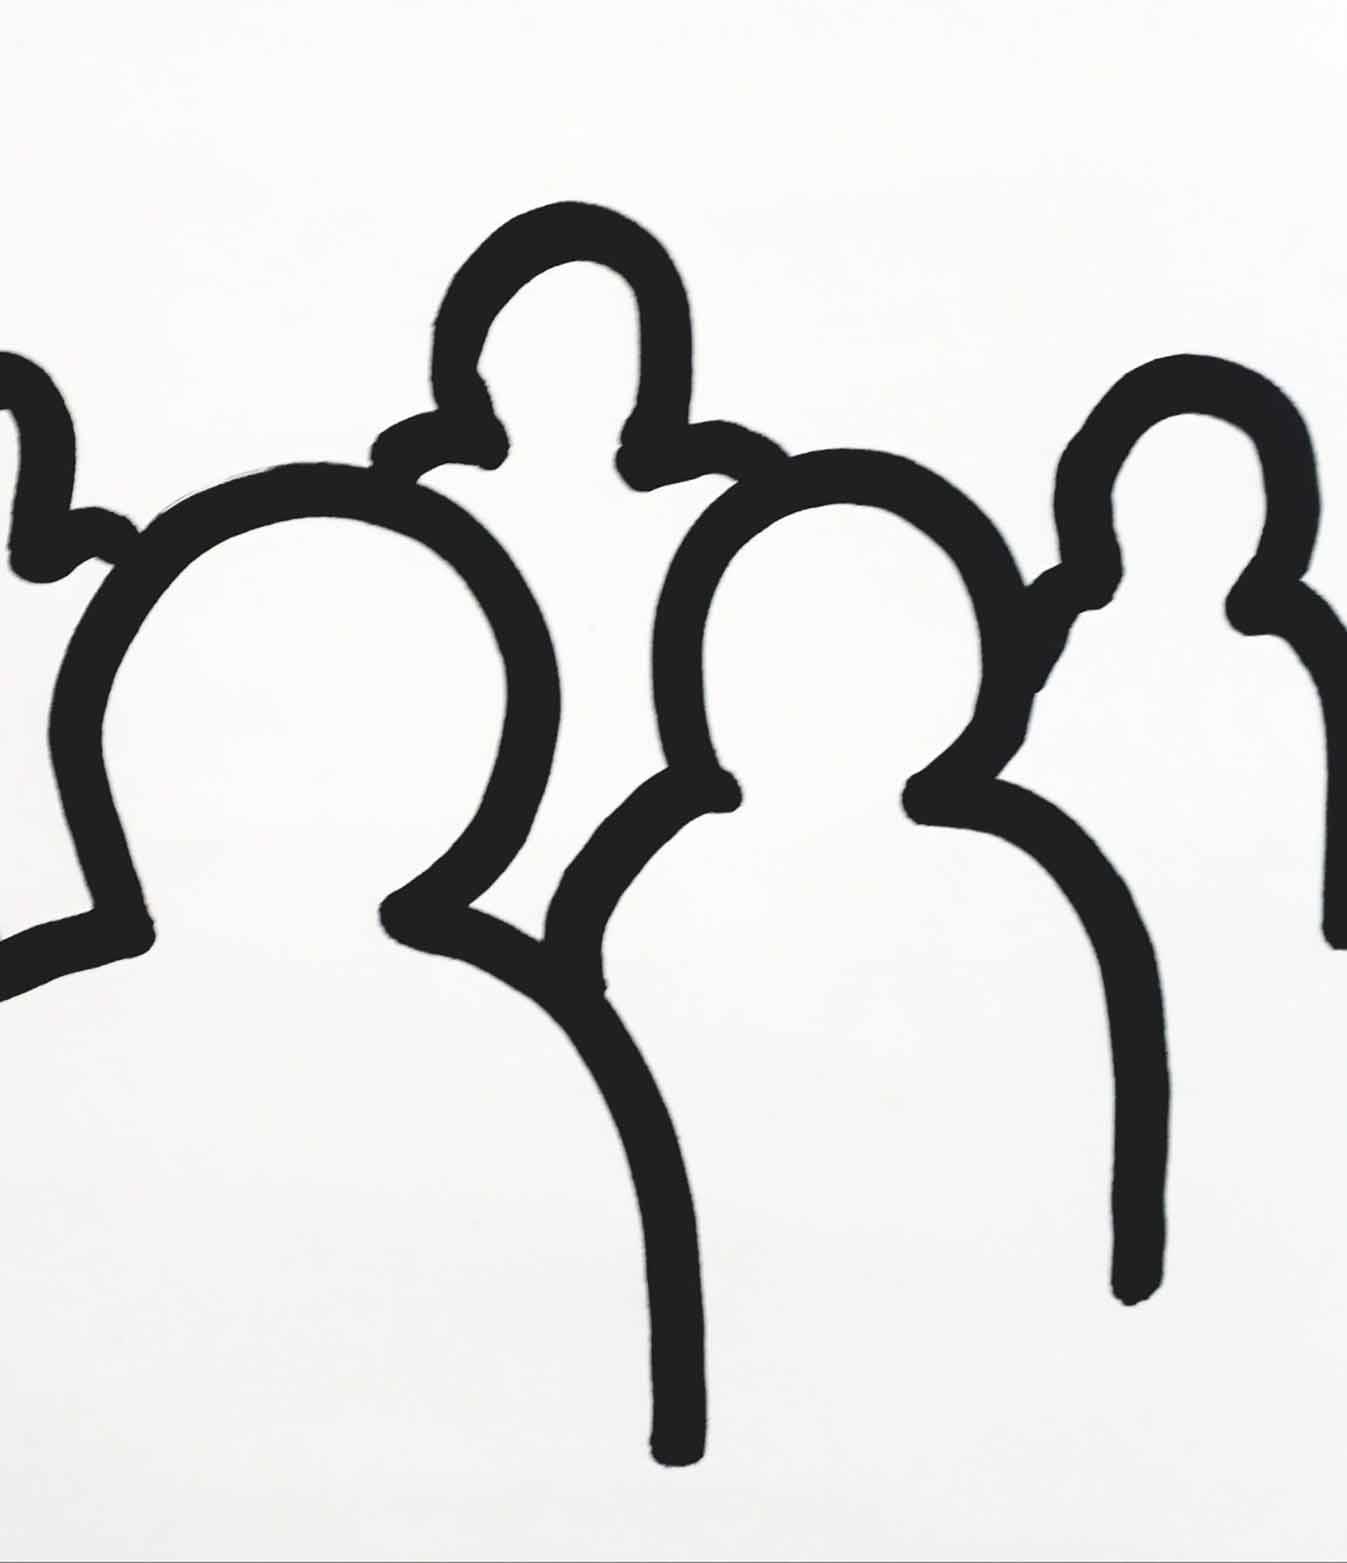 Platzhalter Gruppenbild